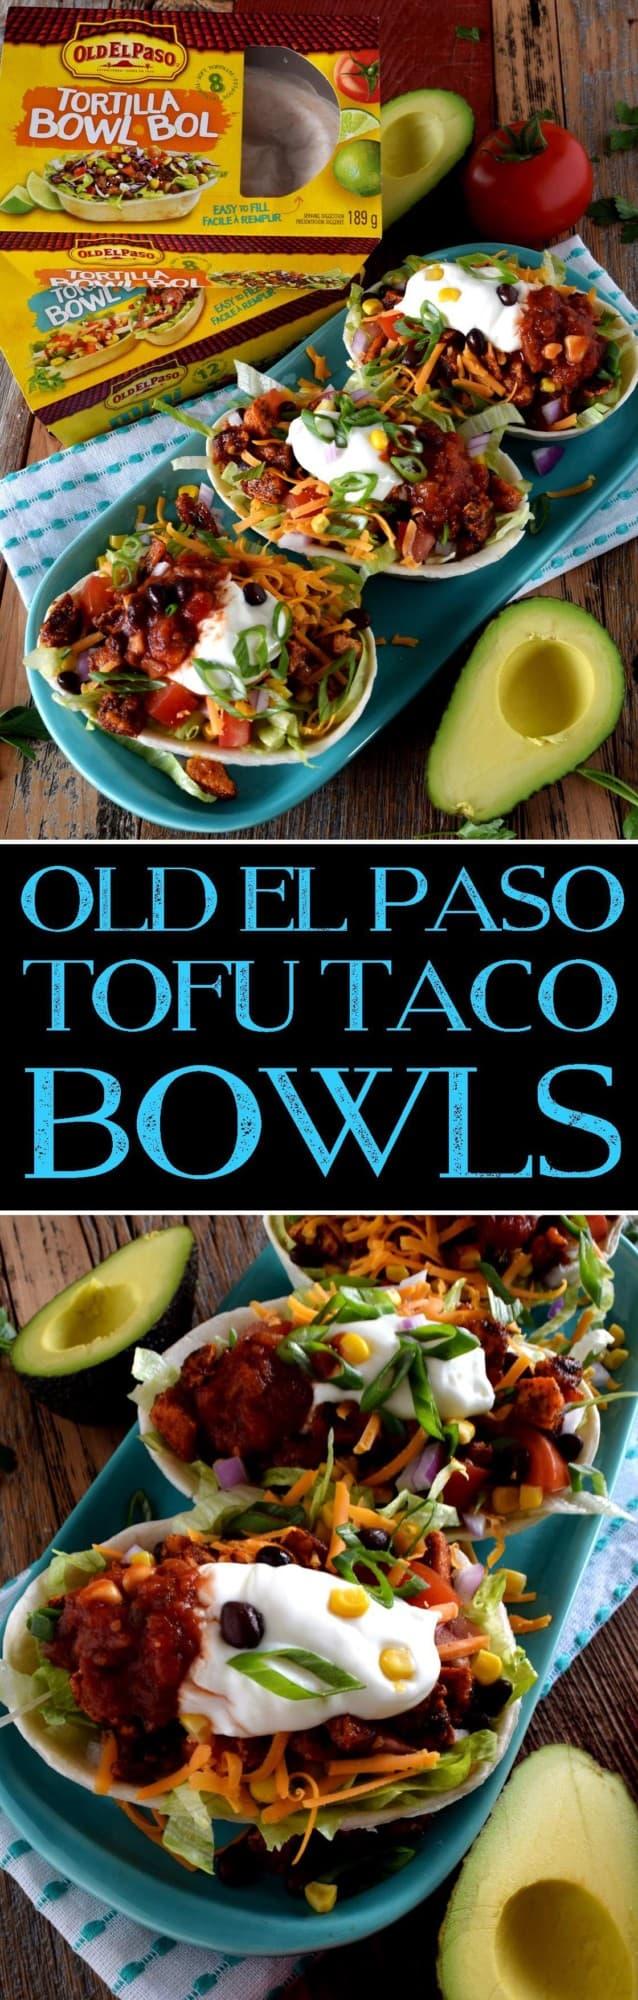 Old El Paso Tofu Taco Bowls